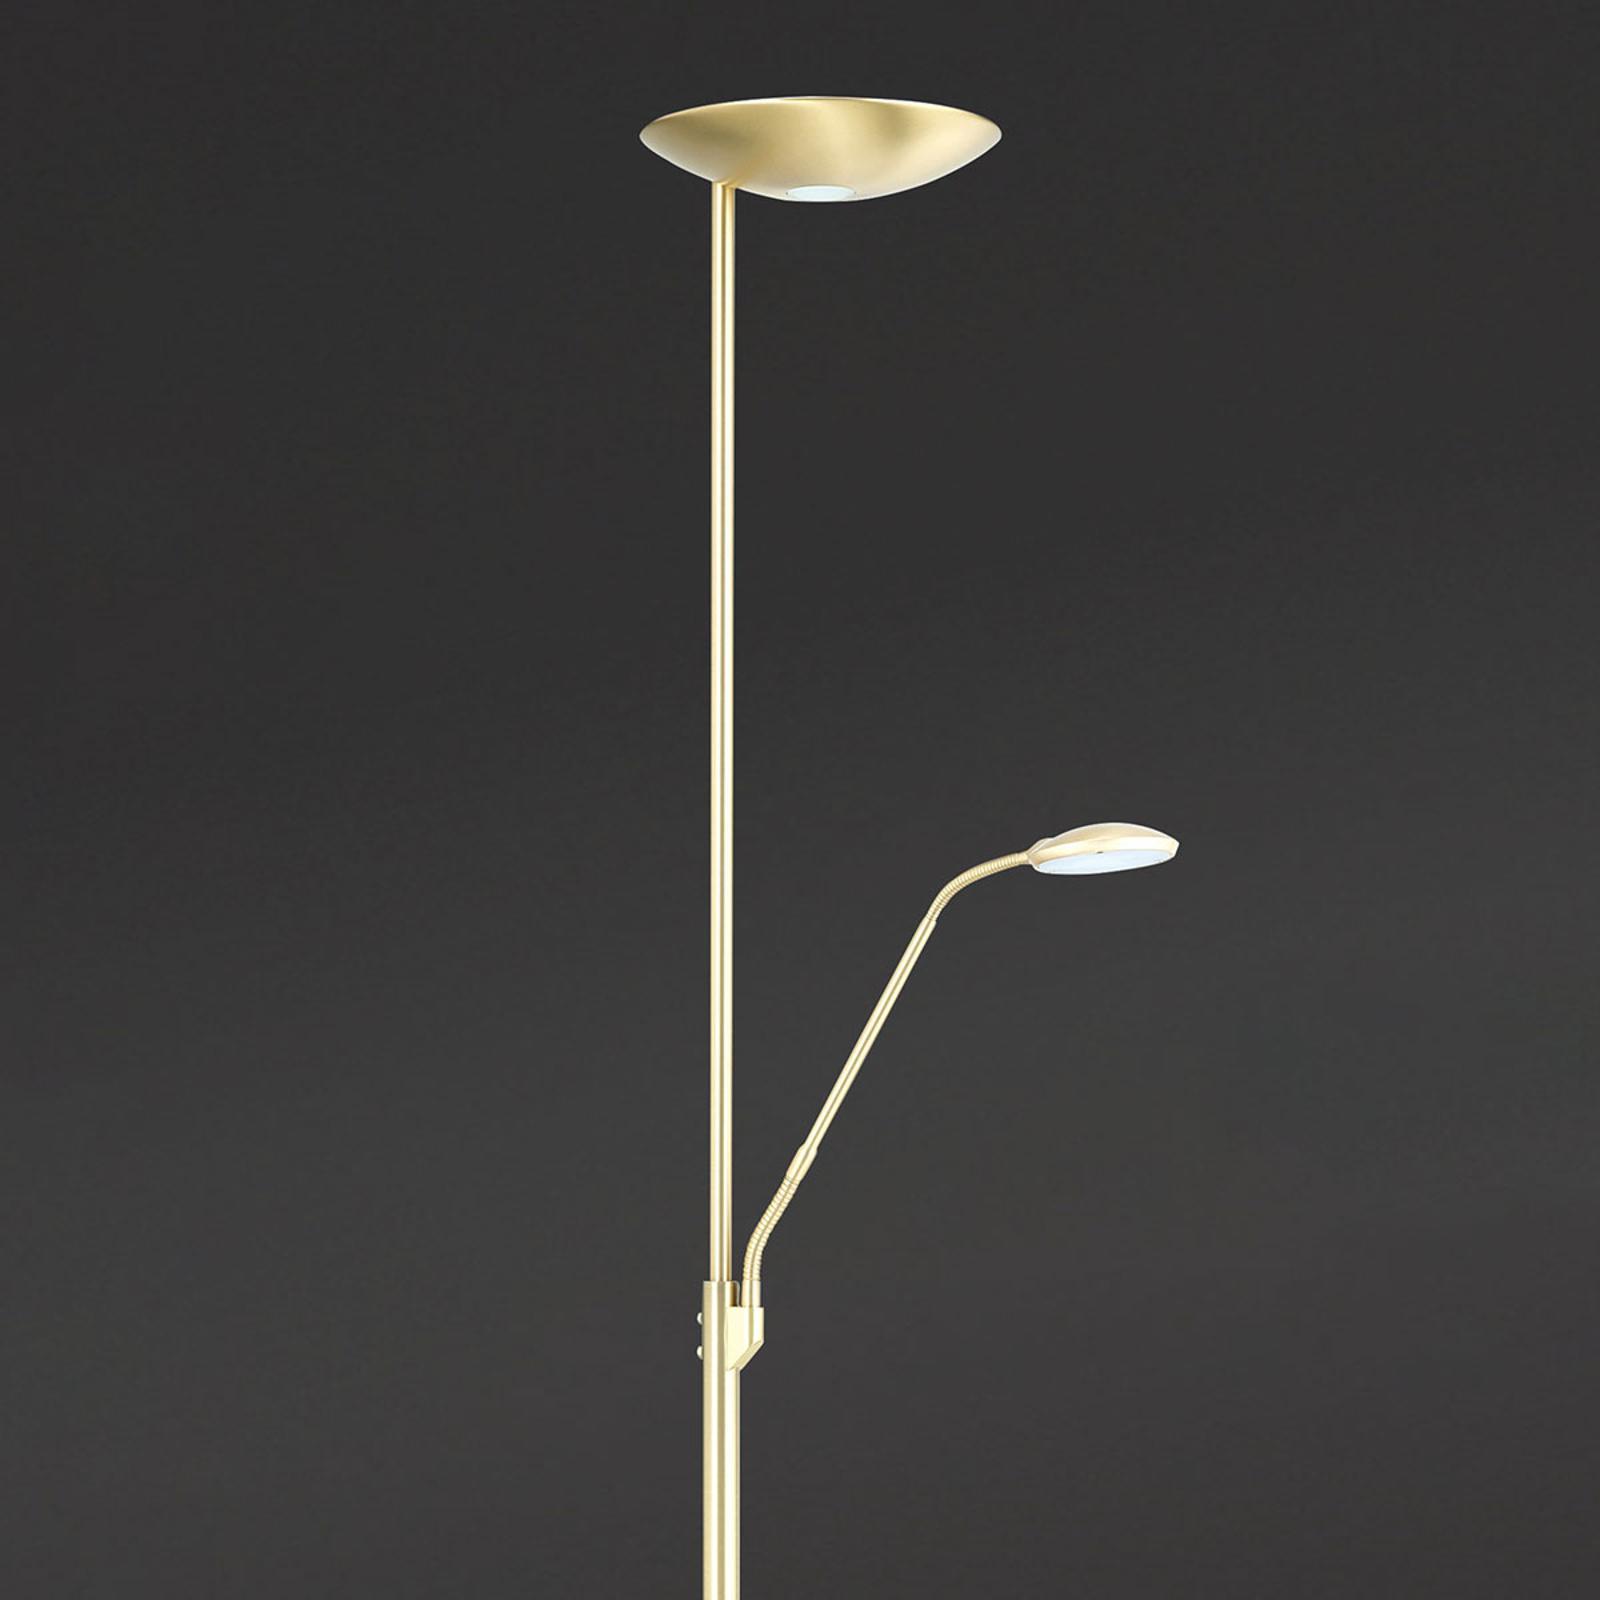 Orion Stropné LED svietidlo Cobra lampa čítanie mosadz